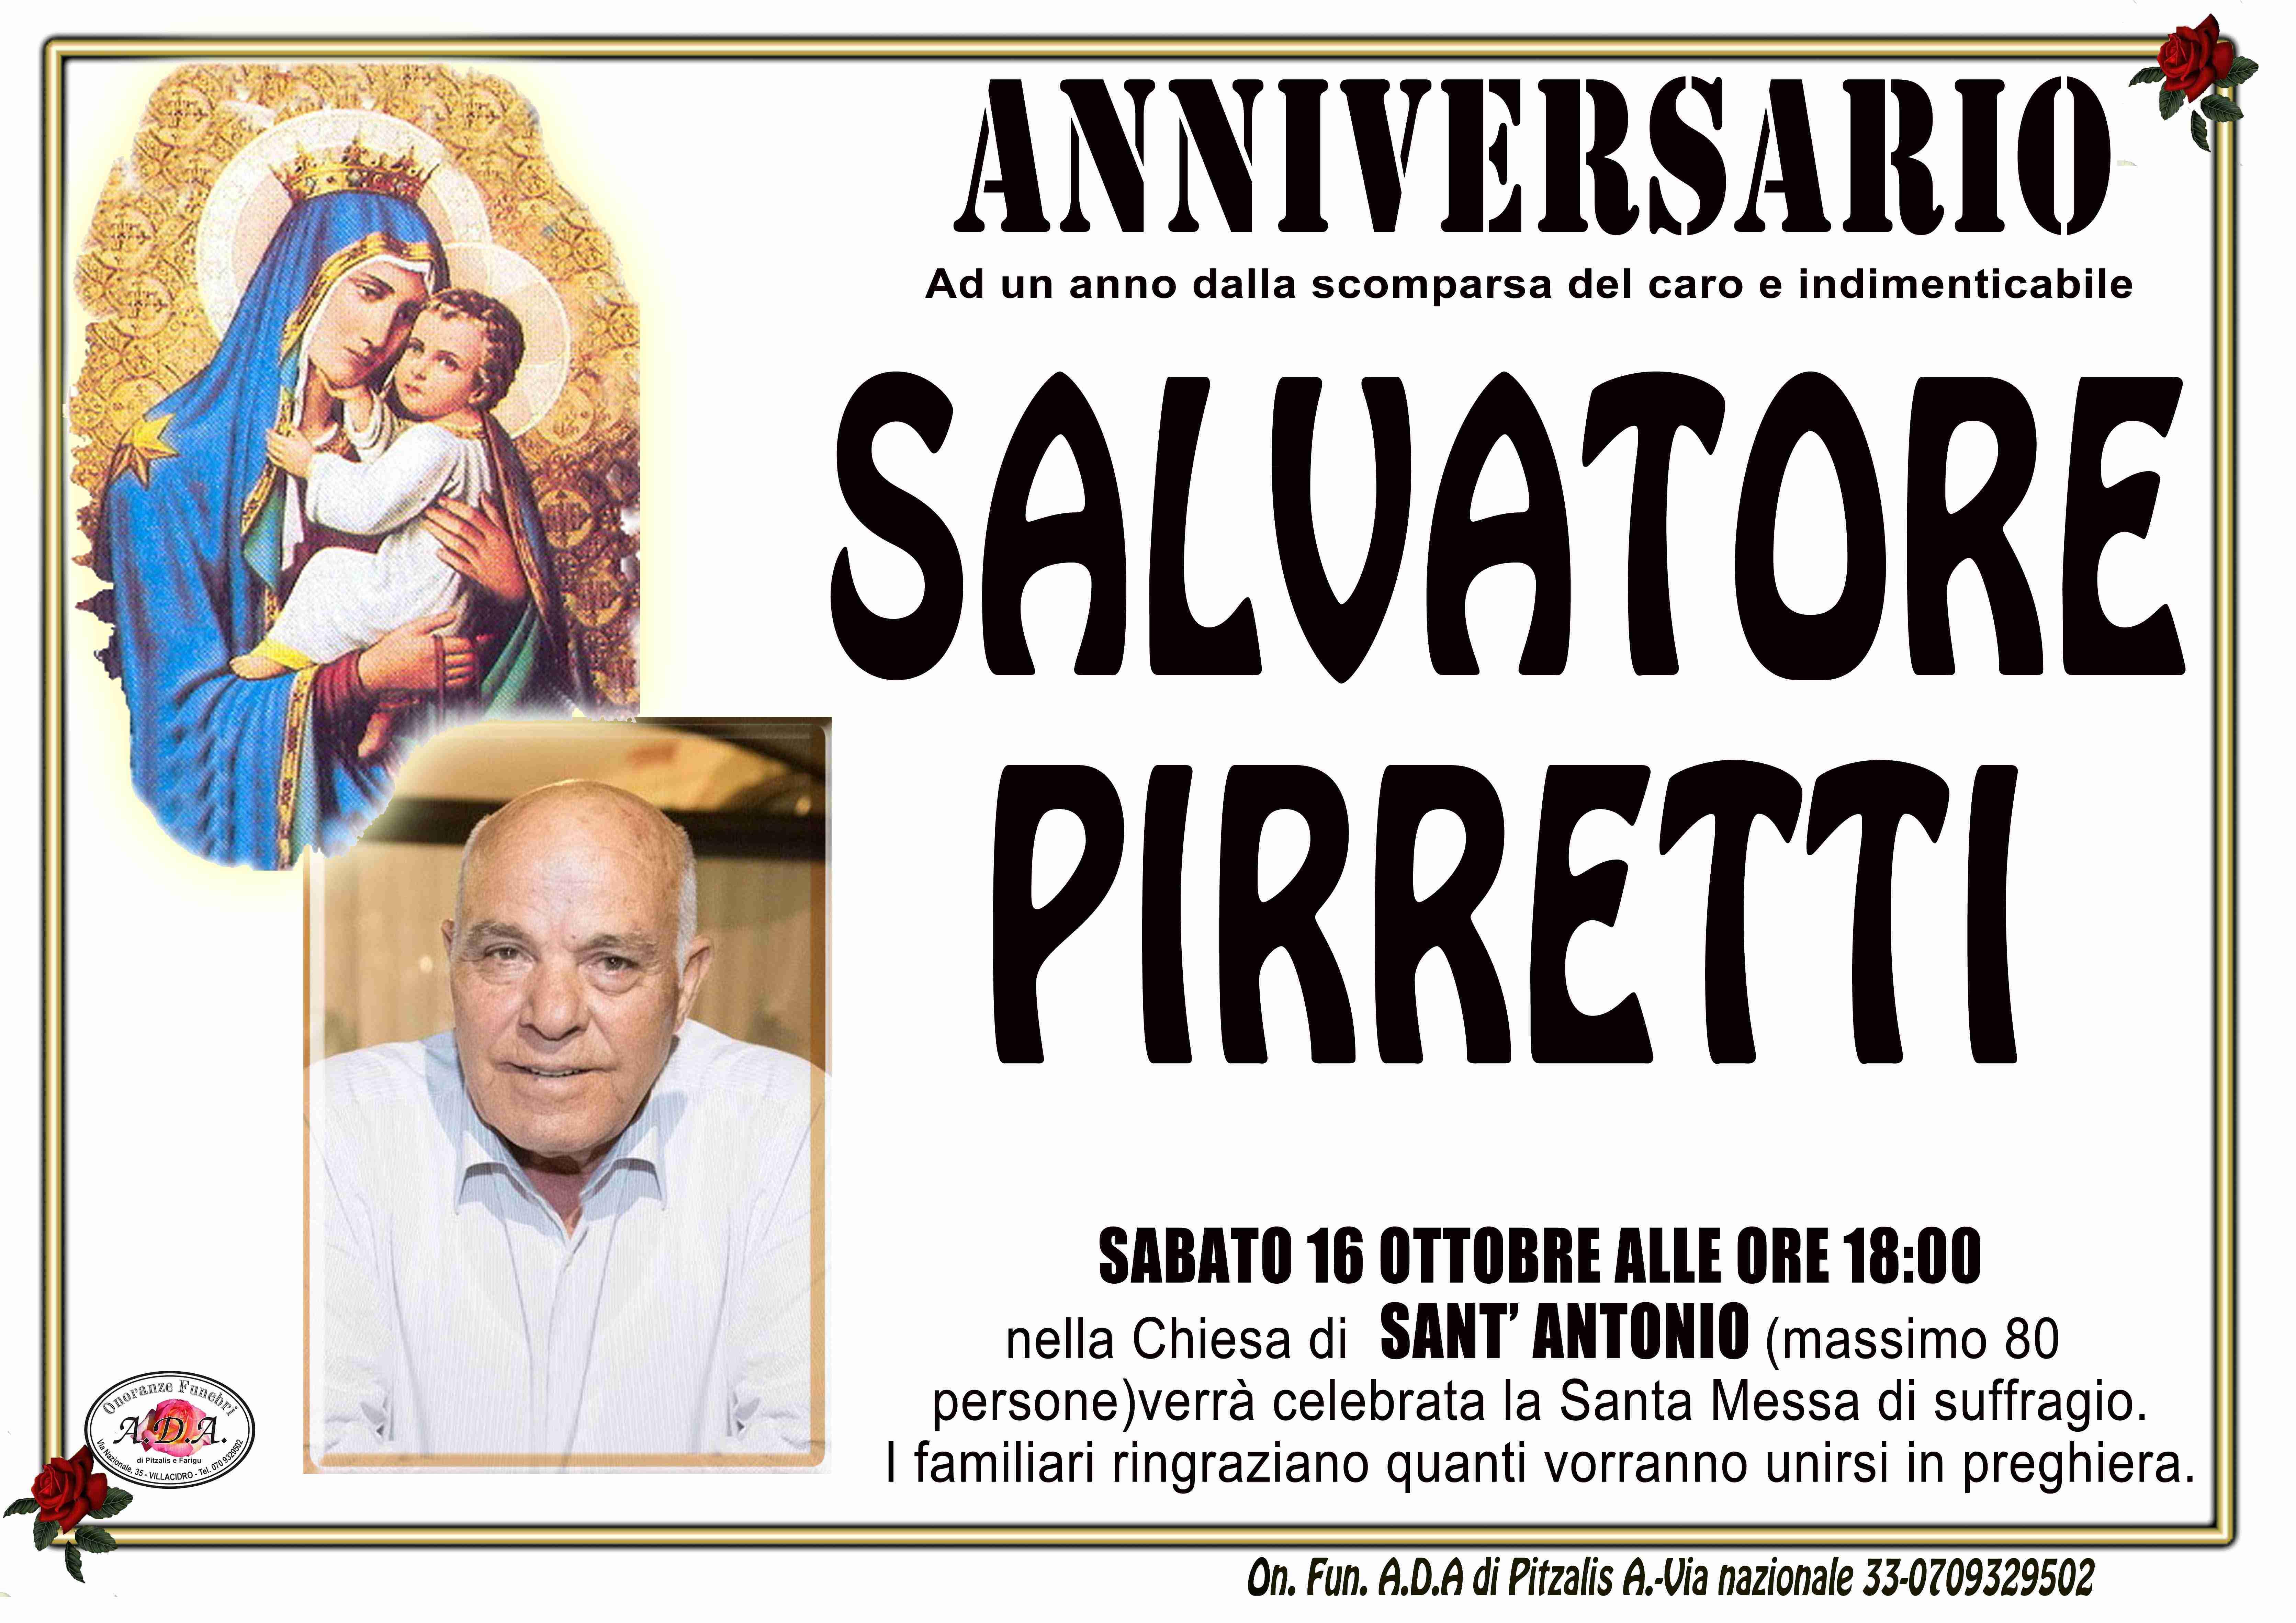 Salvatore Pirretti